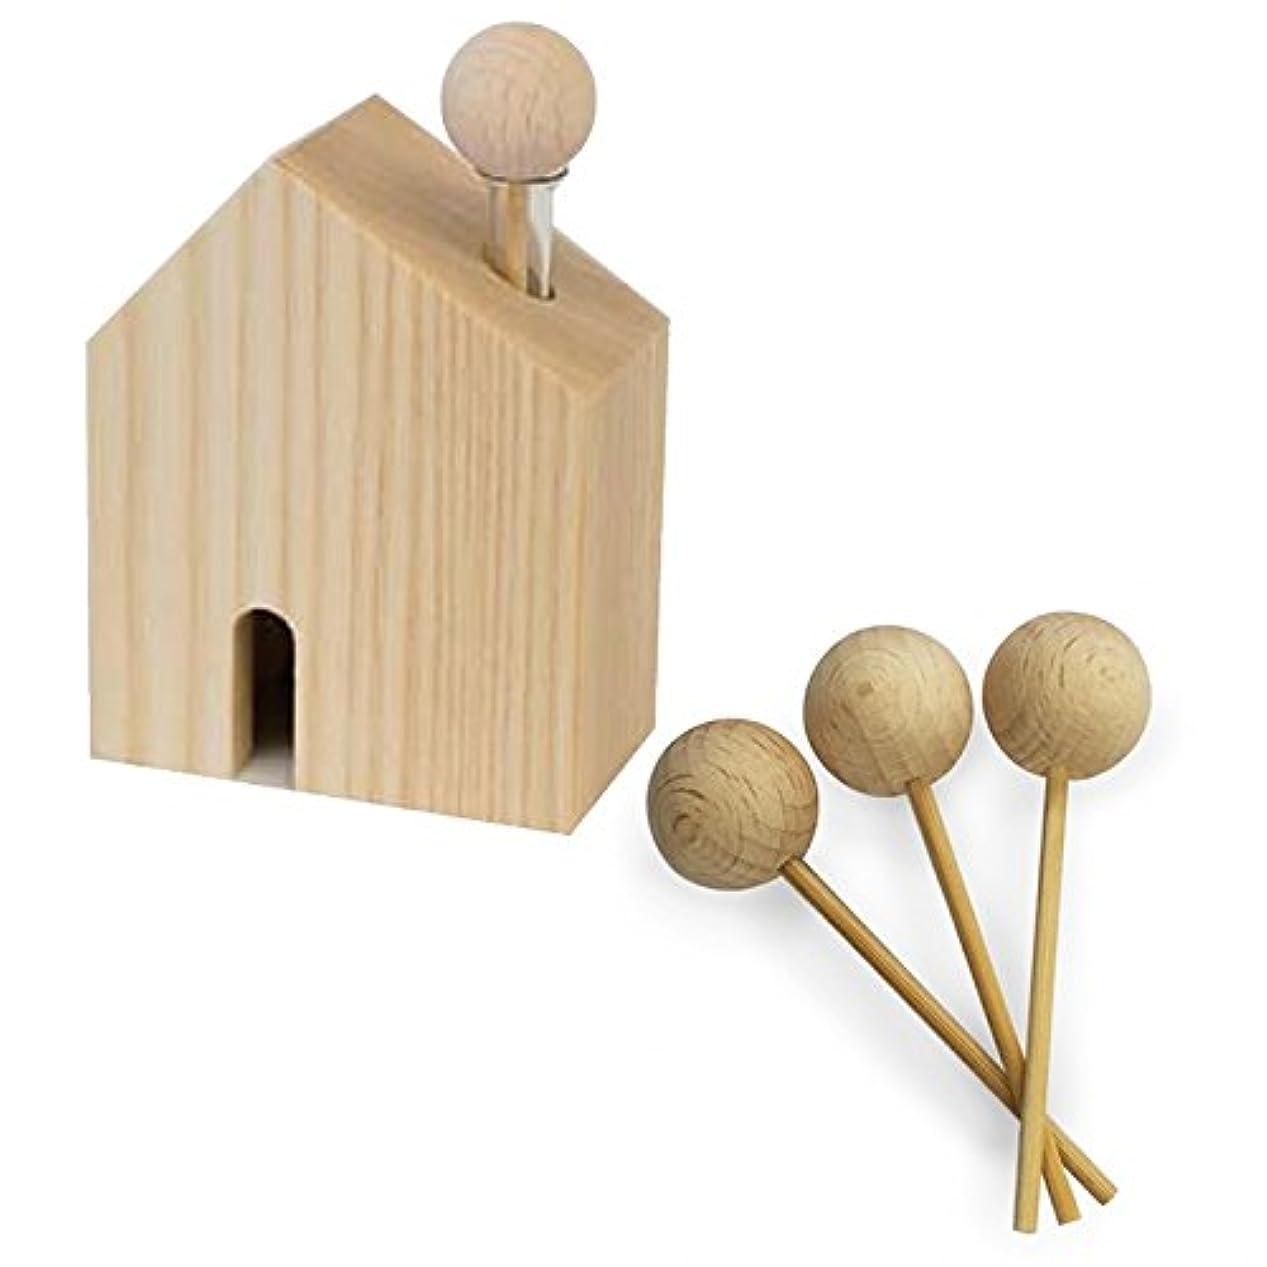 びっくりブラウンミシンHARIO ハリオ アロマ芳香器 木のお家 交換用木製スティック3本付